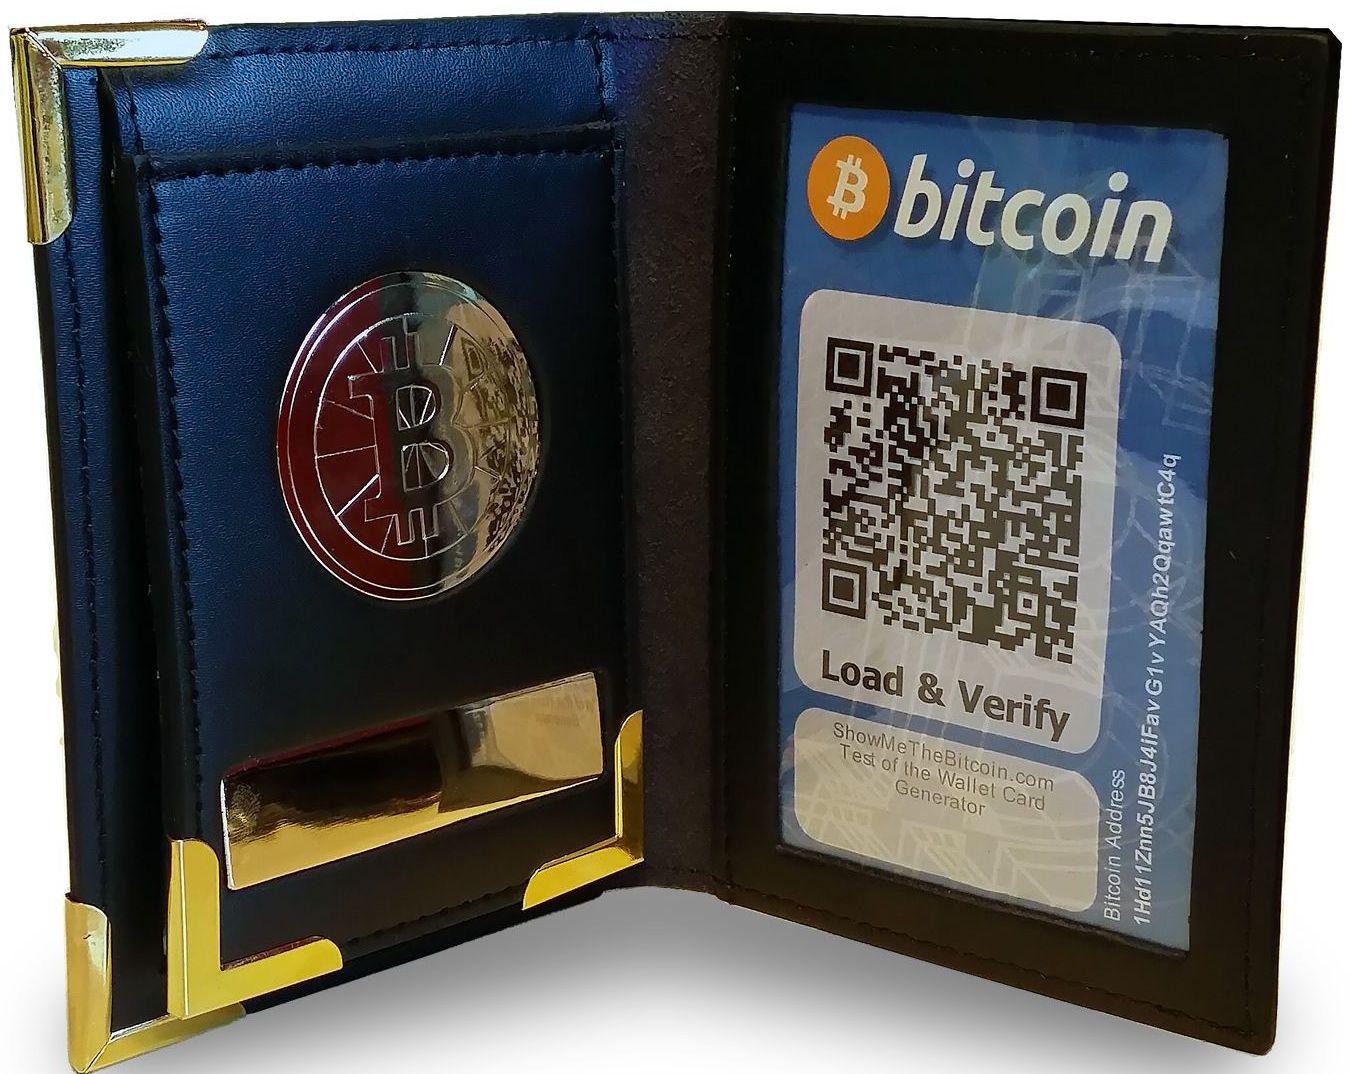 Kaip padaryti bitcoins į pinigus, tai, Kaip gauti pinigų iš bitcoin piniginės